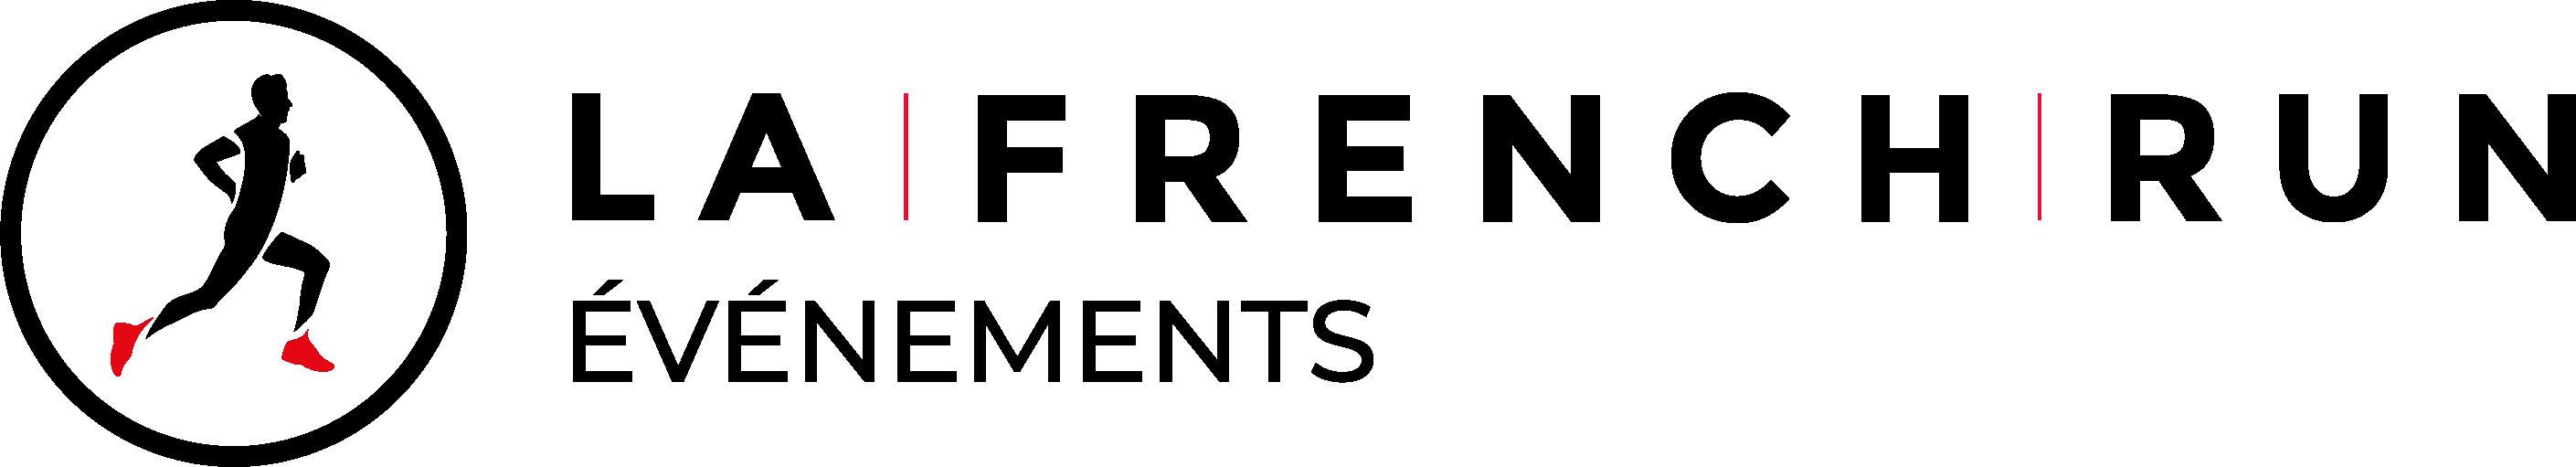 LFR_evenements_bandeau black